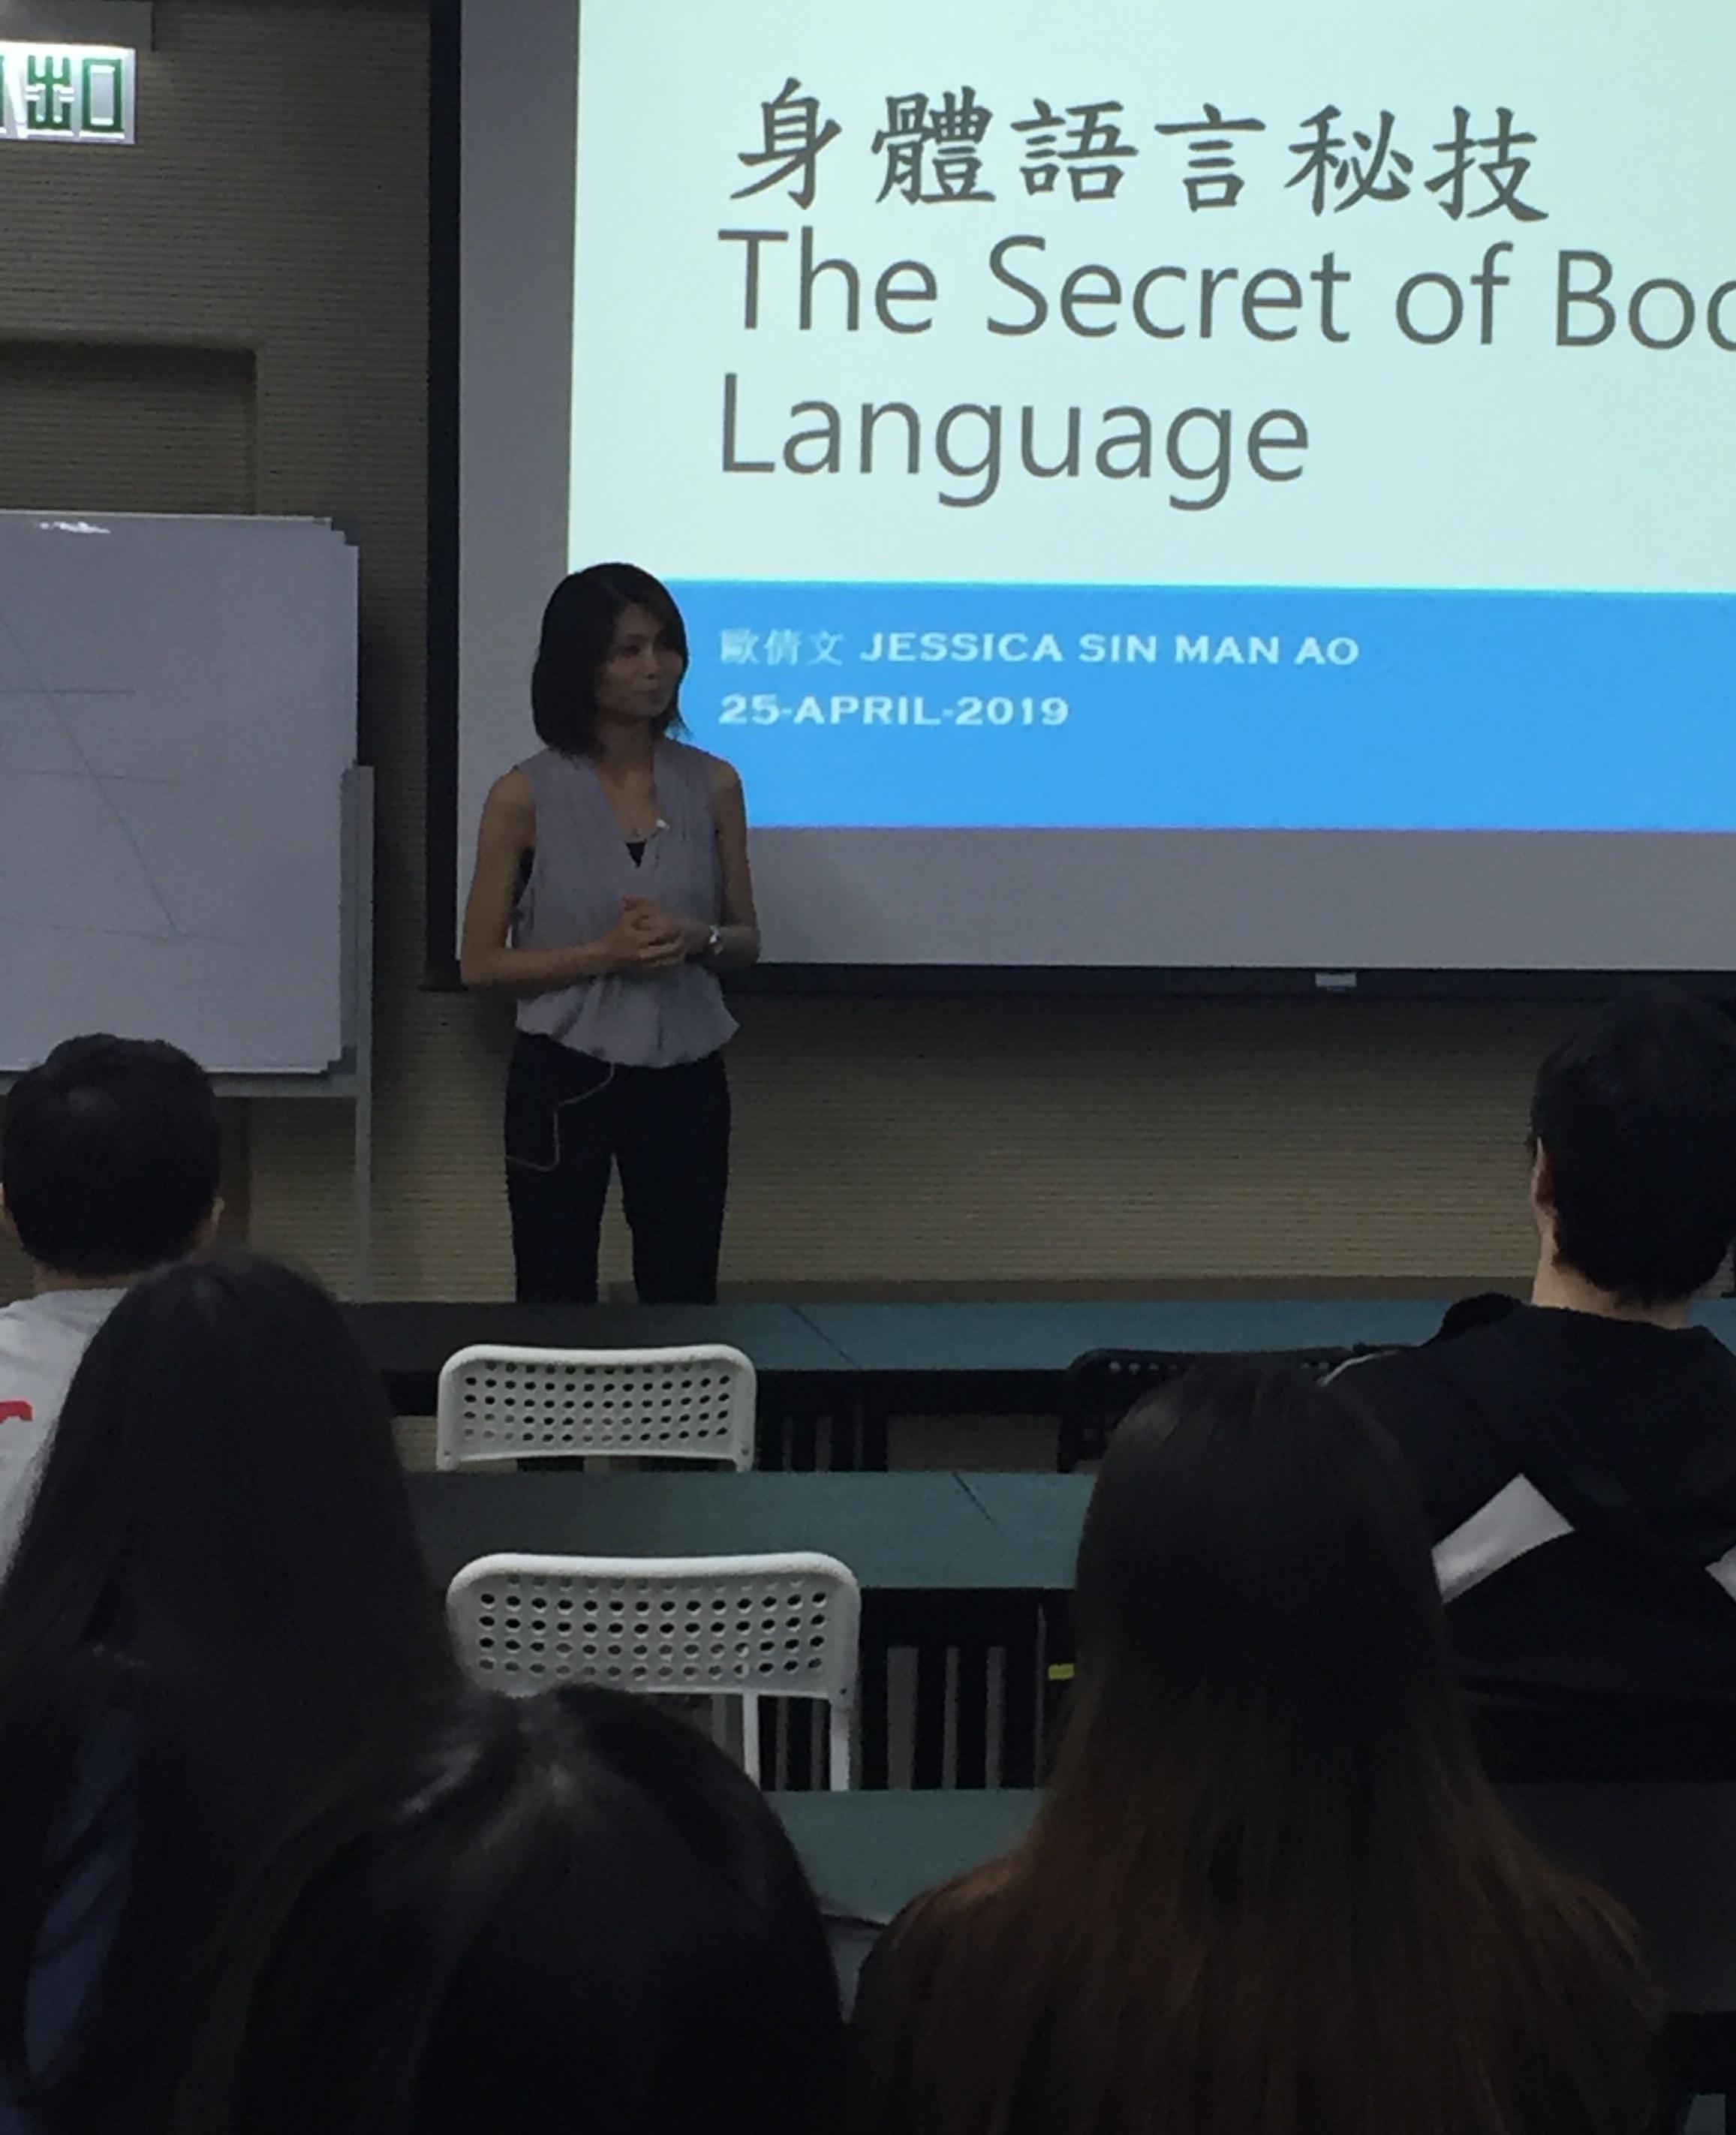 香港宏恩基督教學院演講